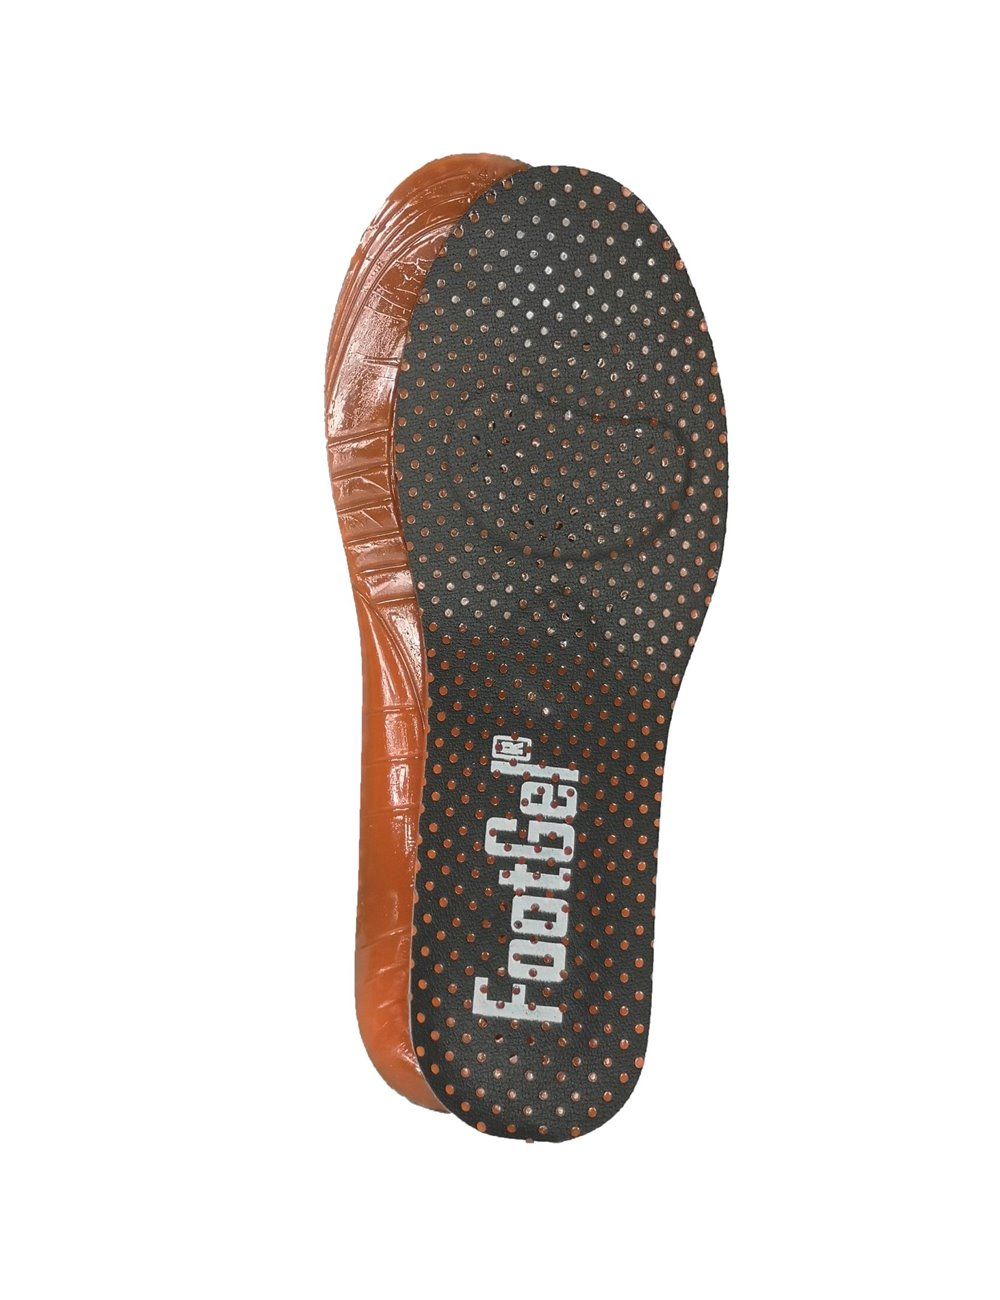 Plantillas Footgel para deporte